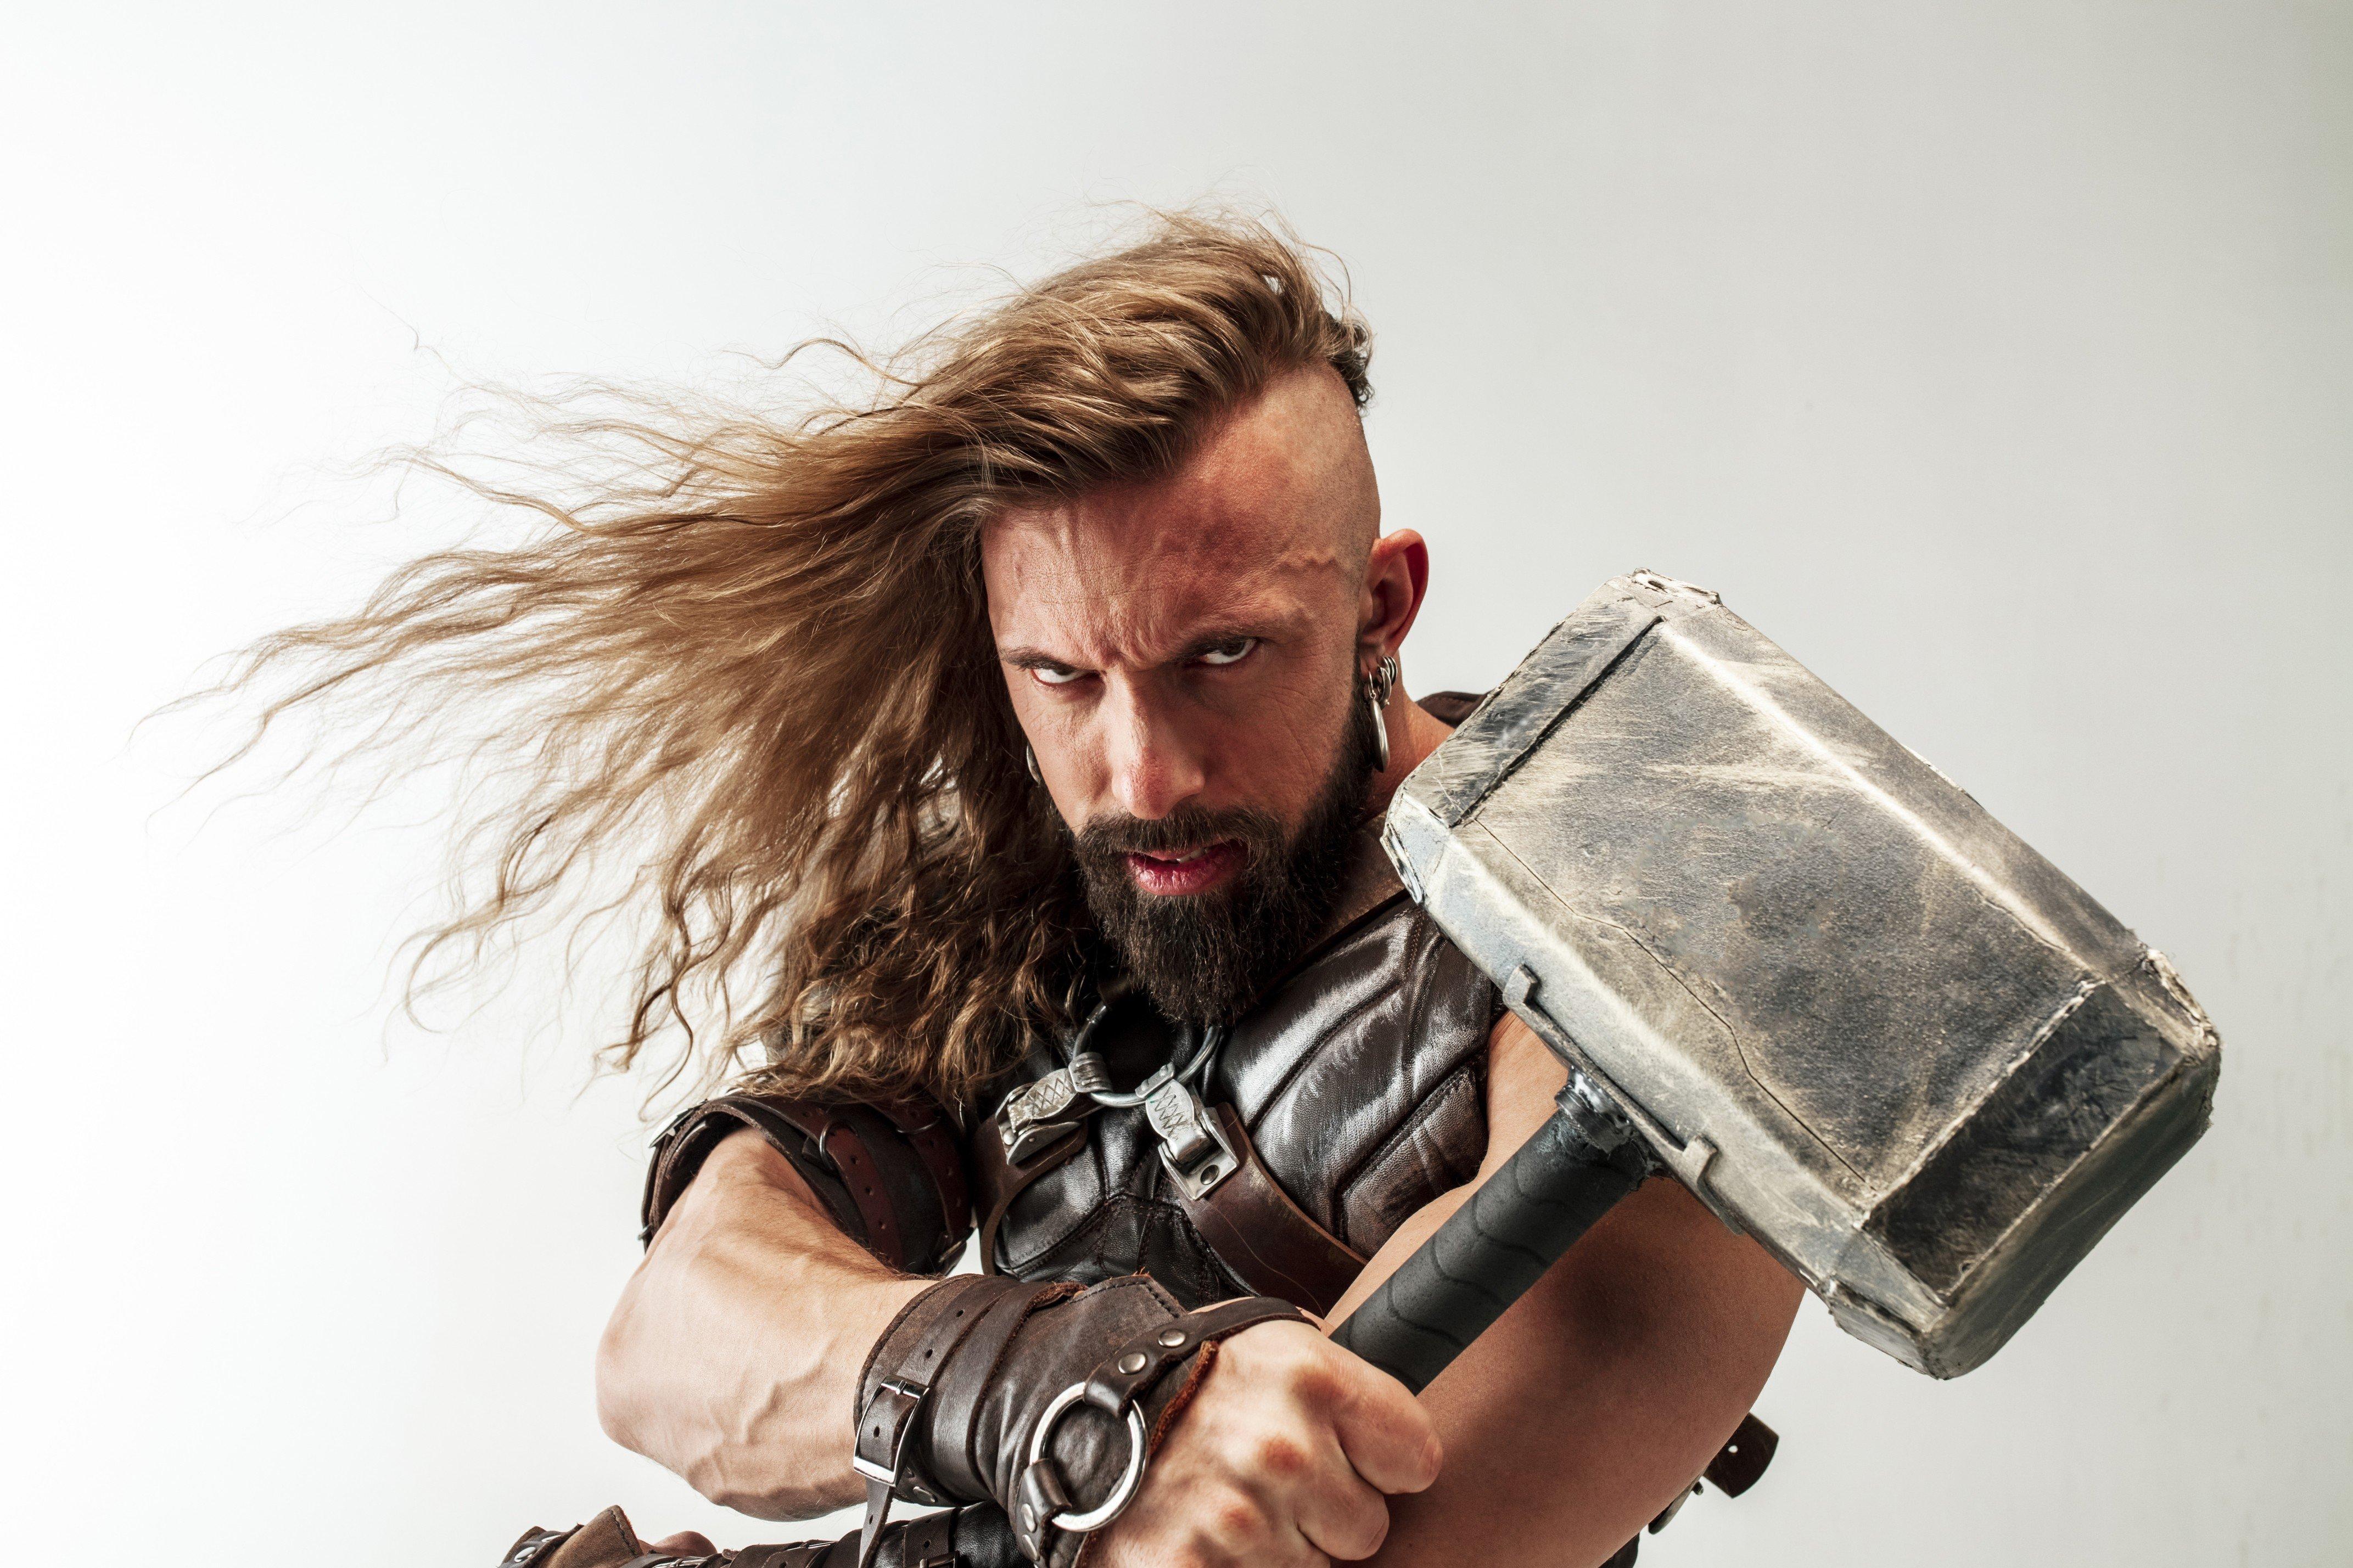 Kostümideen: Crashe als dicker Thor die Karnevalsparty 2020!